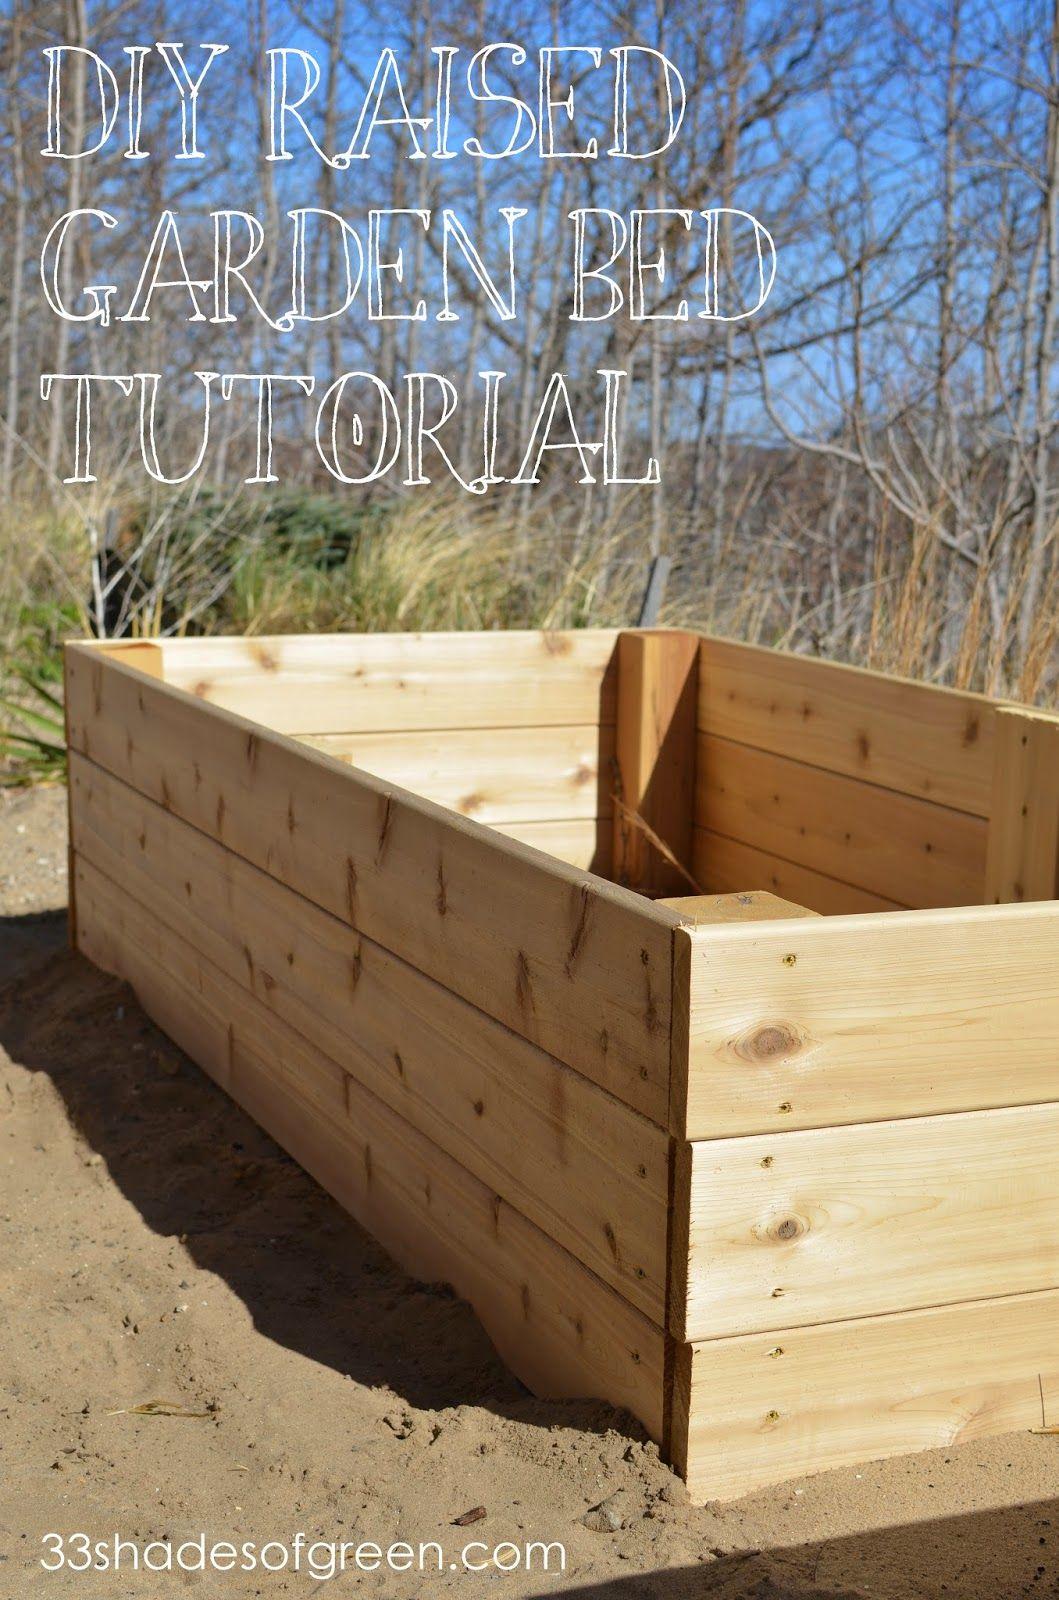 Easy DIY Raised Garden Bed Tutorial (33 Shades of Green) | Gardening ...